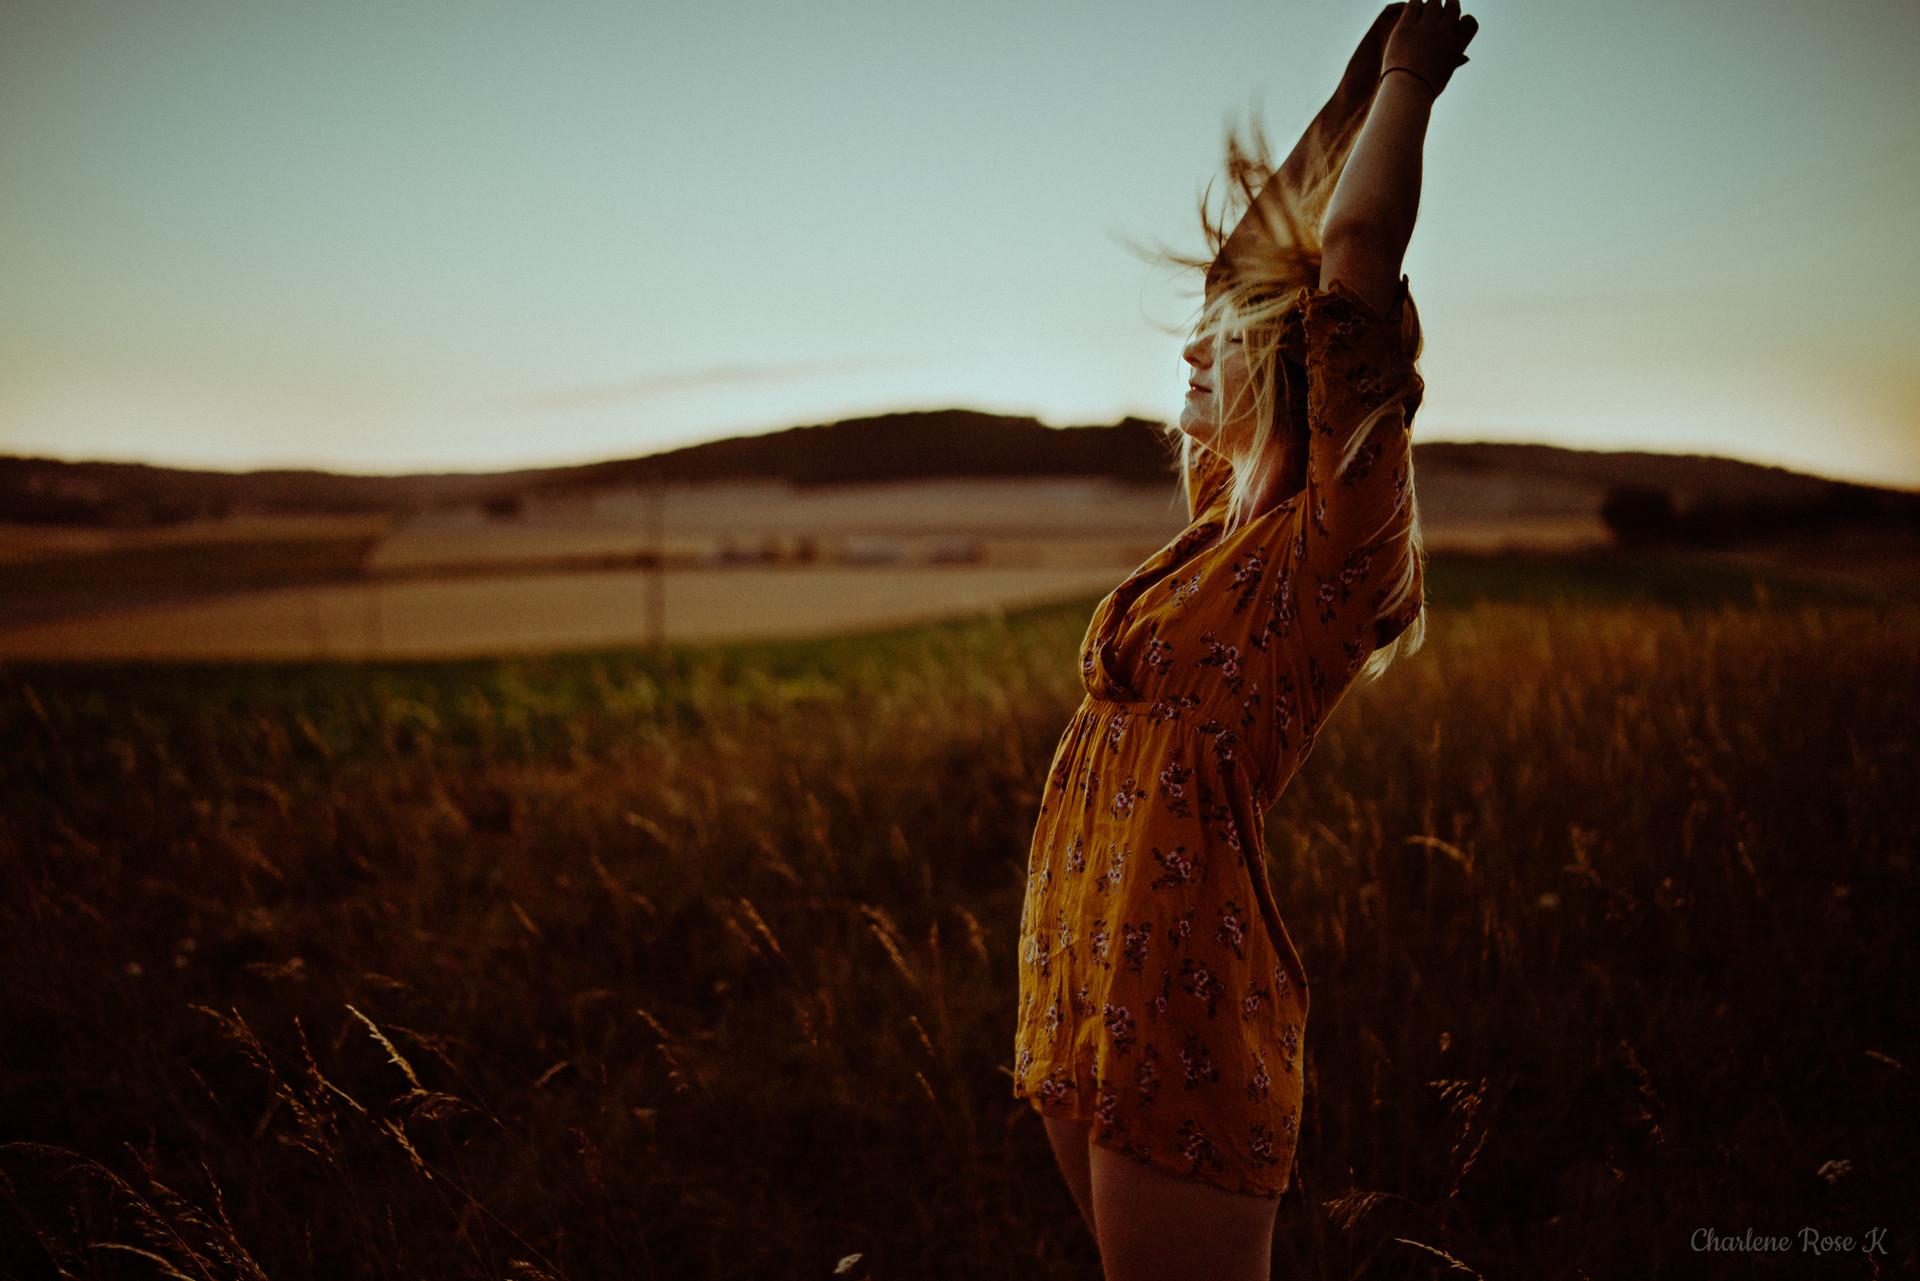 seance-photo-troyes-solo-femme-exterieur-soleil-tournesols-crk-9